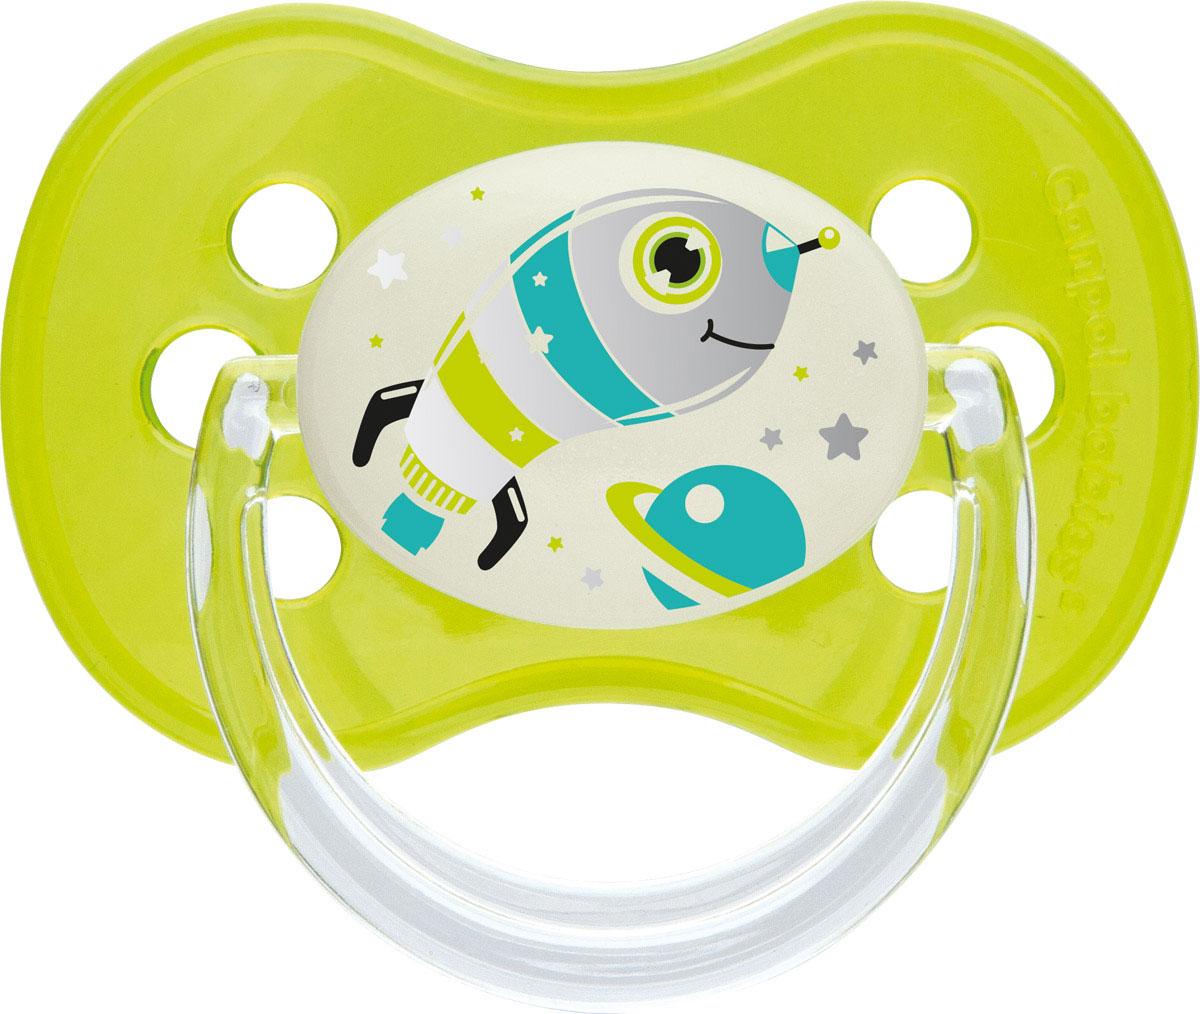 Canpol Babies Пустышка силиконовая симметричная Space Mission от 6 до 18 месяцев цвет зеленый canpol babies пустышка латексная space от 6 до 18 месяцев цвет фиолетовый